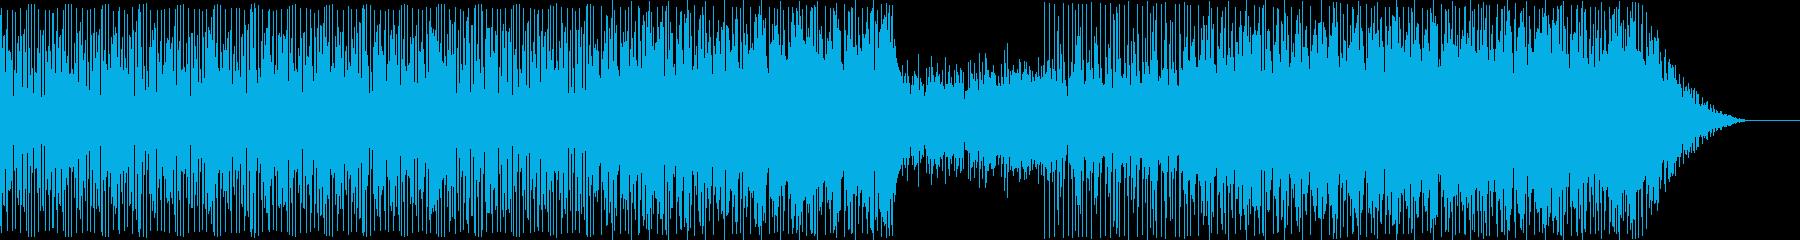 オーケストラとシンセサイザーの戦闘BGMの再生済みの波形